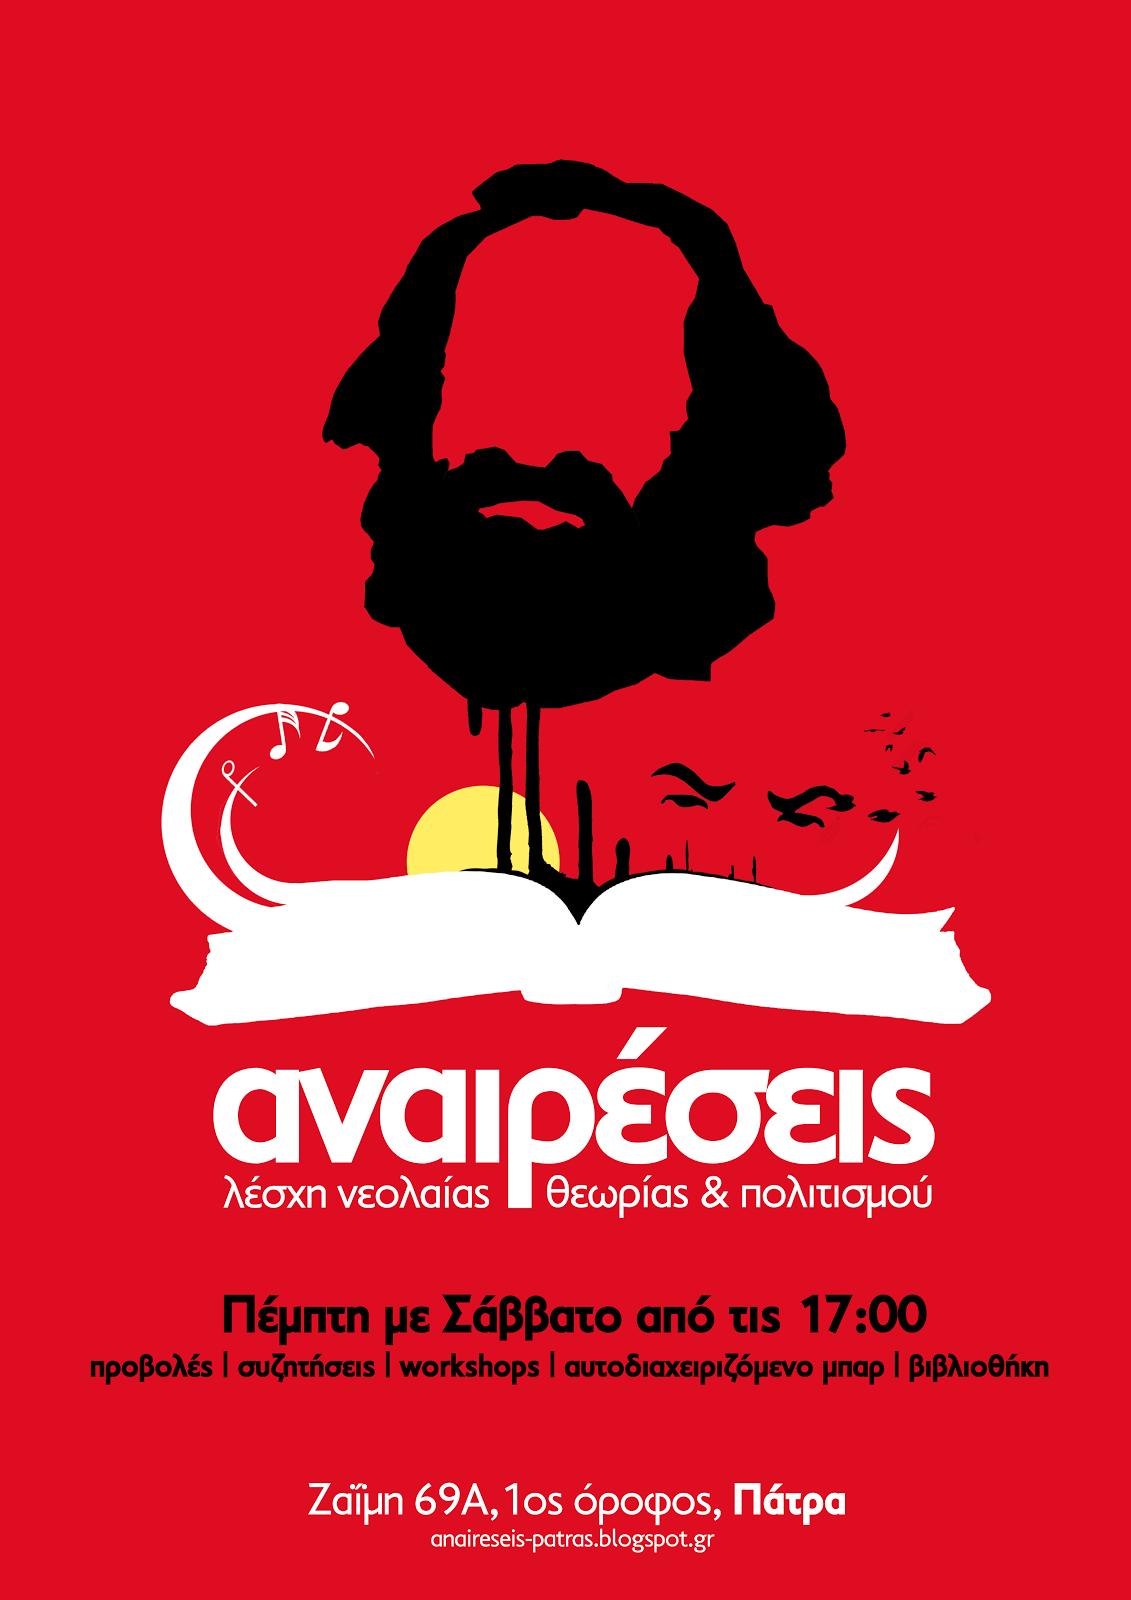 Η αφίσα της λέσχης μας